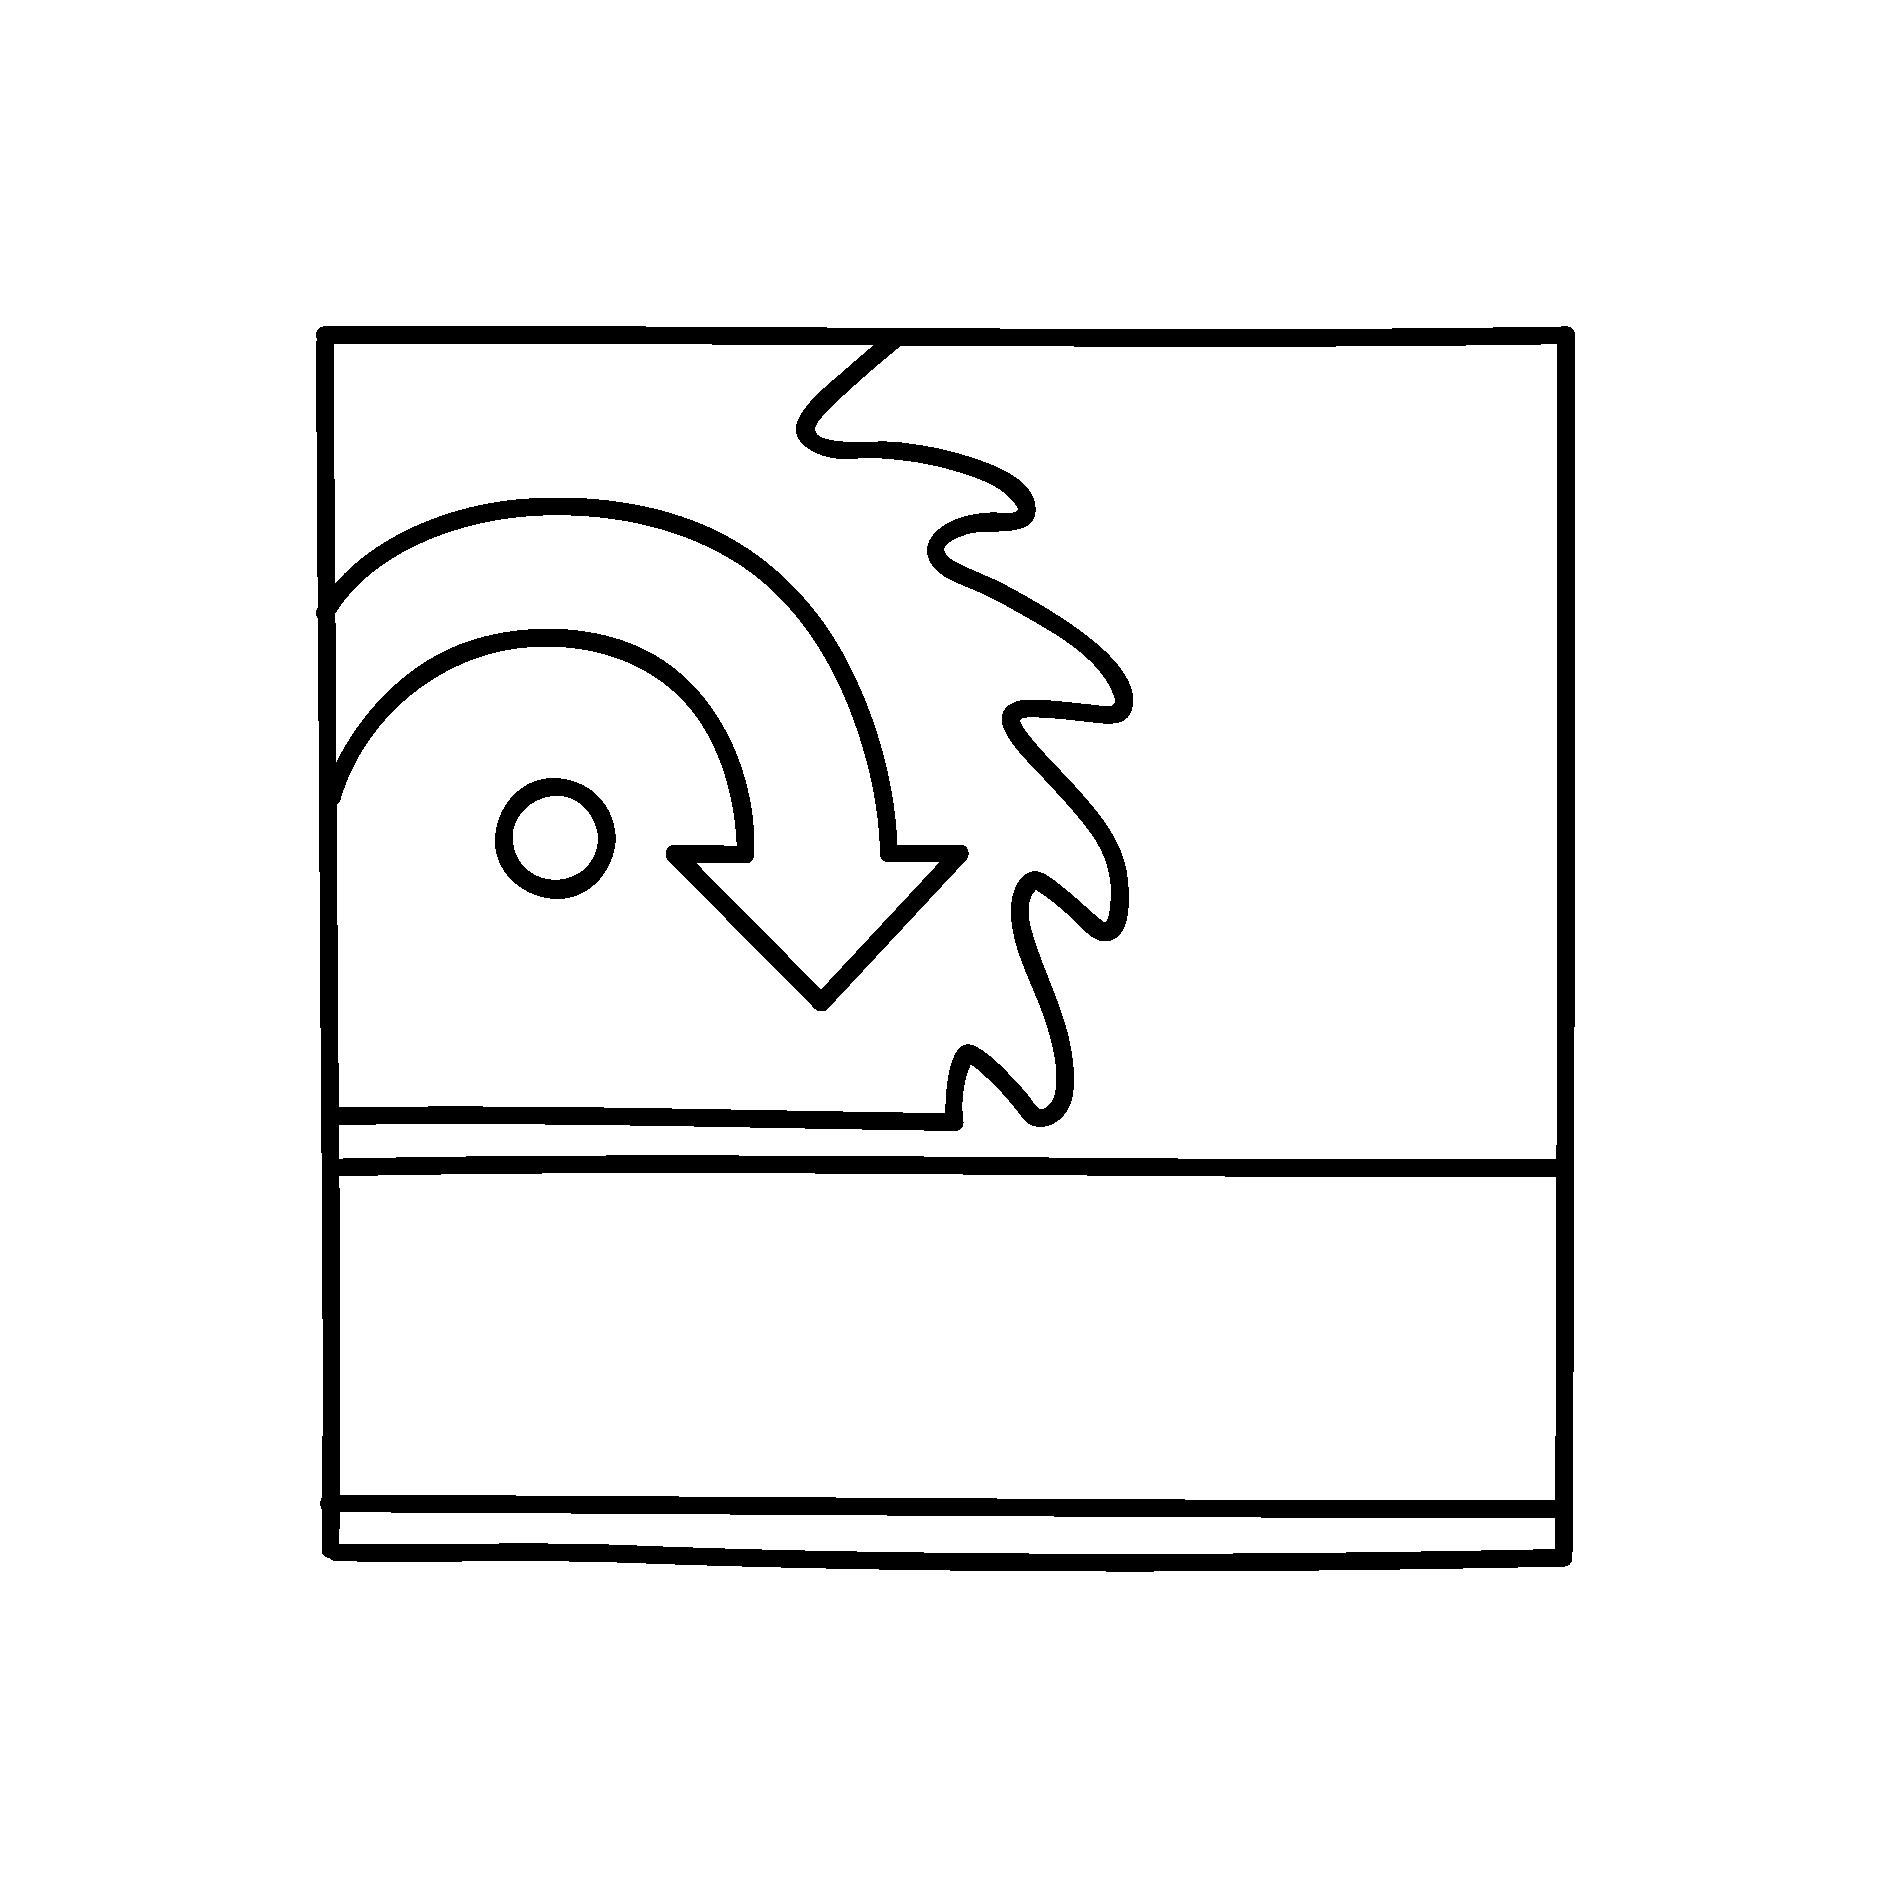 Knapillustrationsforpete-11.png